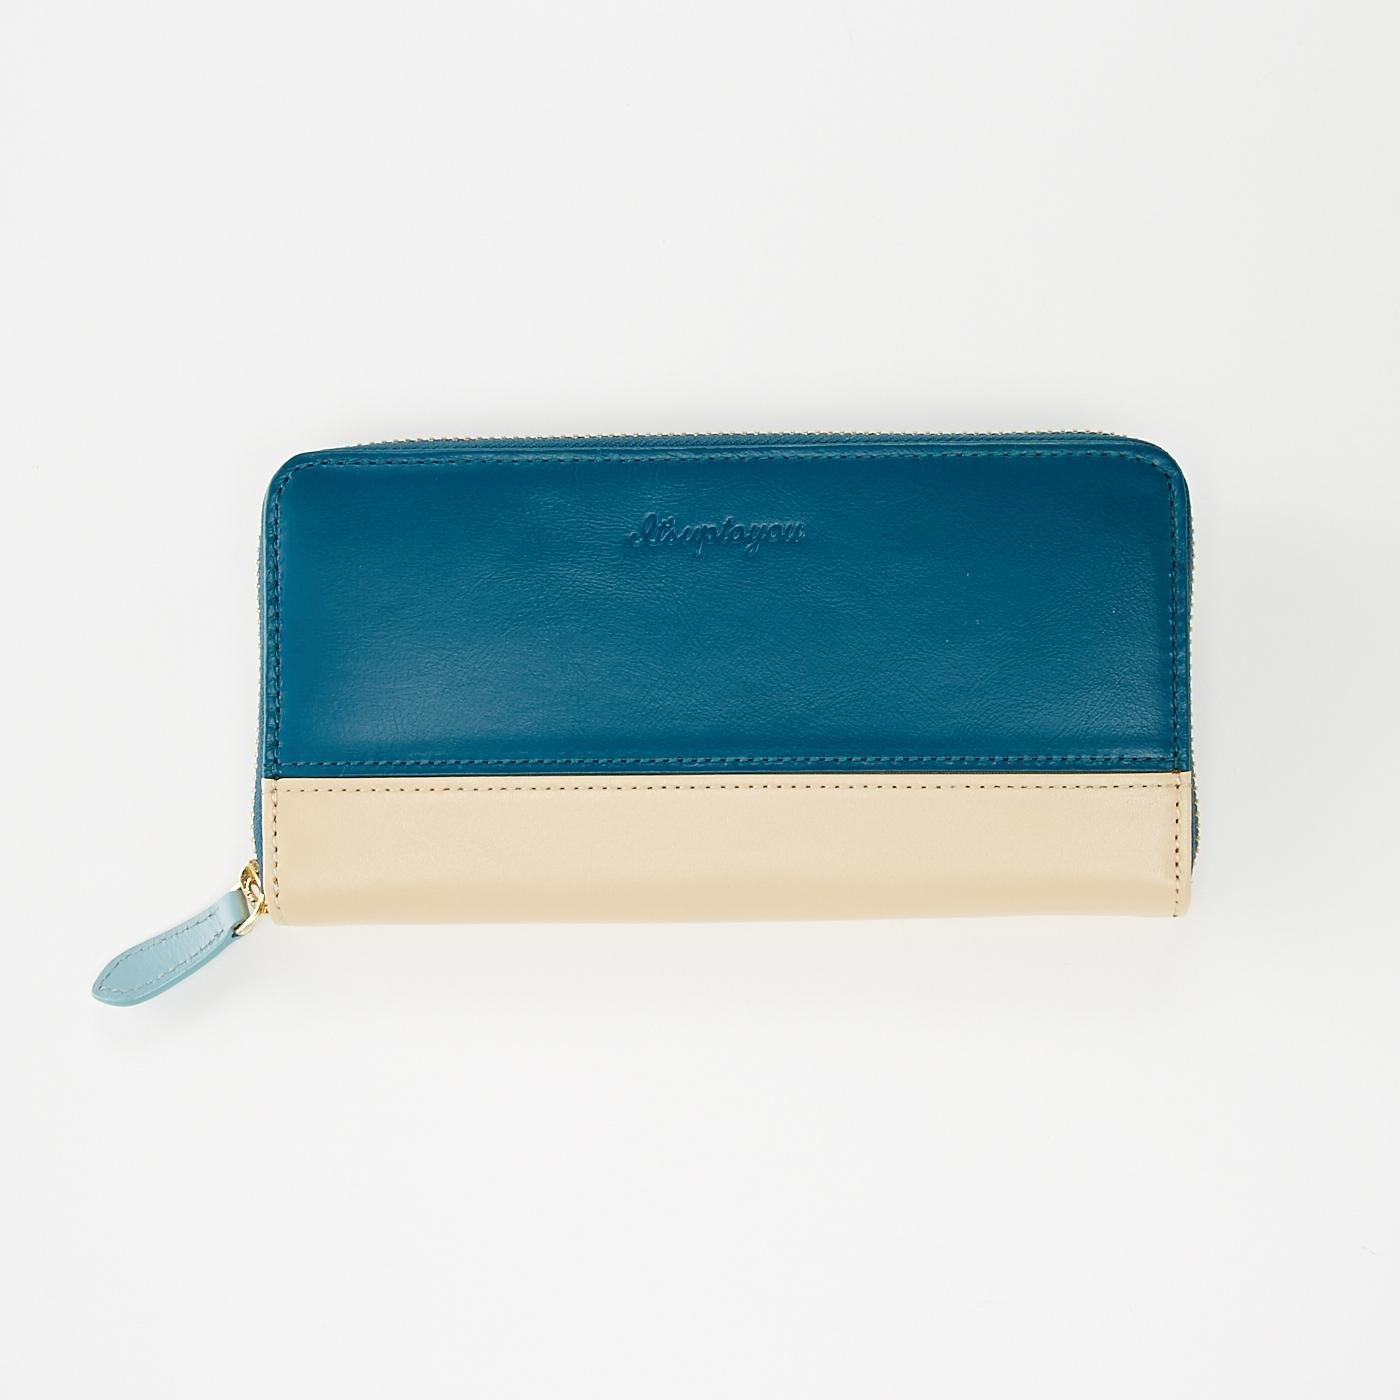 愛しい時を育てる 本革長財布 ブルー